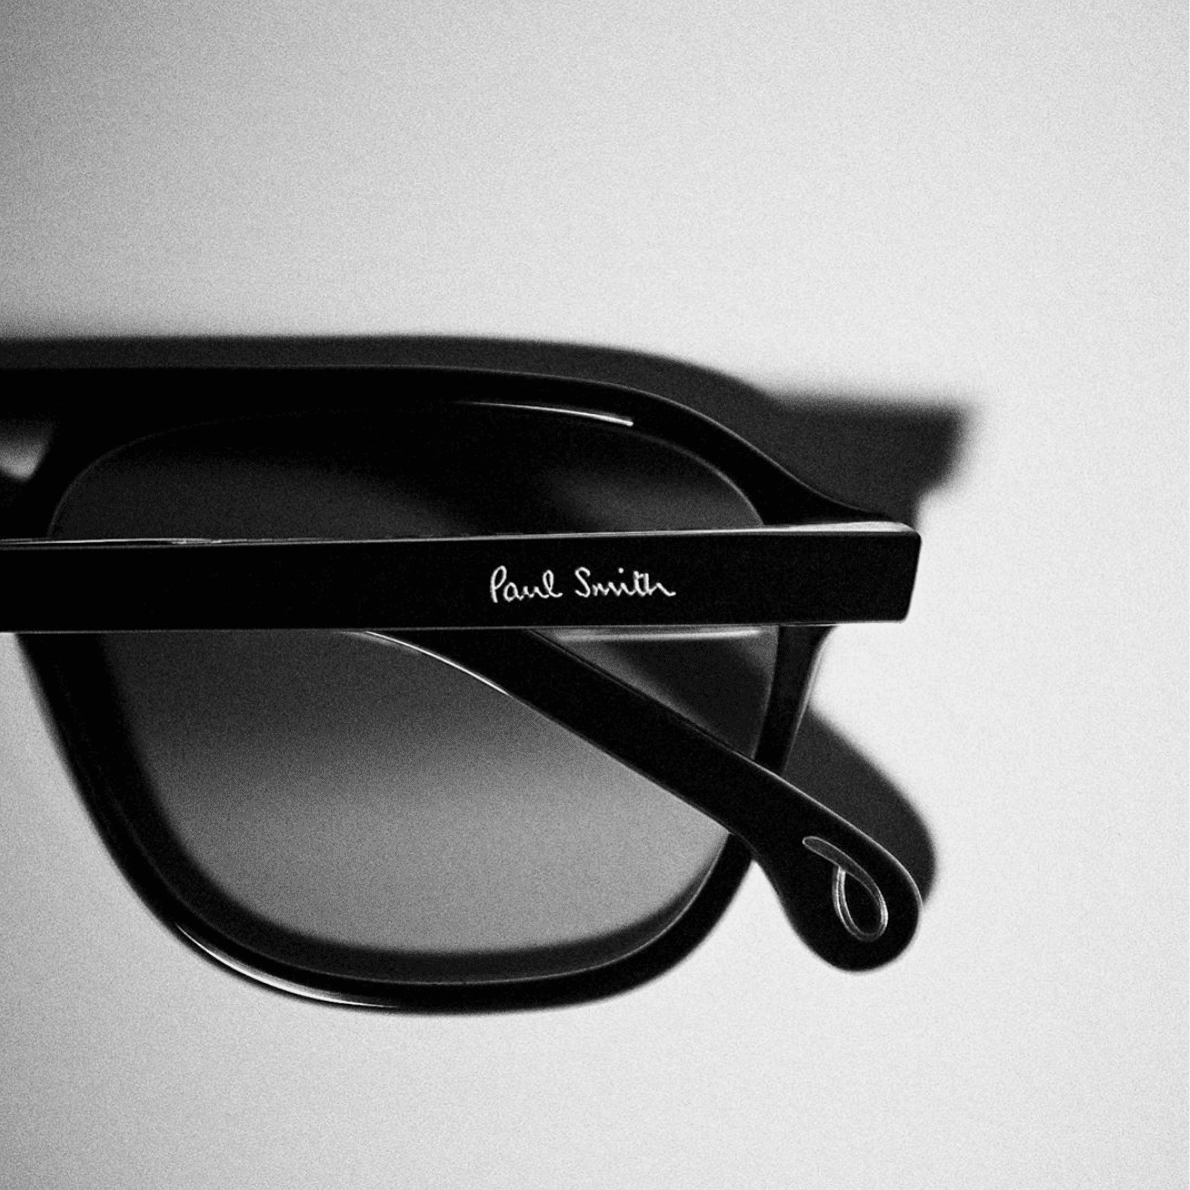 paul-smith-eyewear-glasses-stockist-opticians-west-midlands-shropshire-02